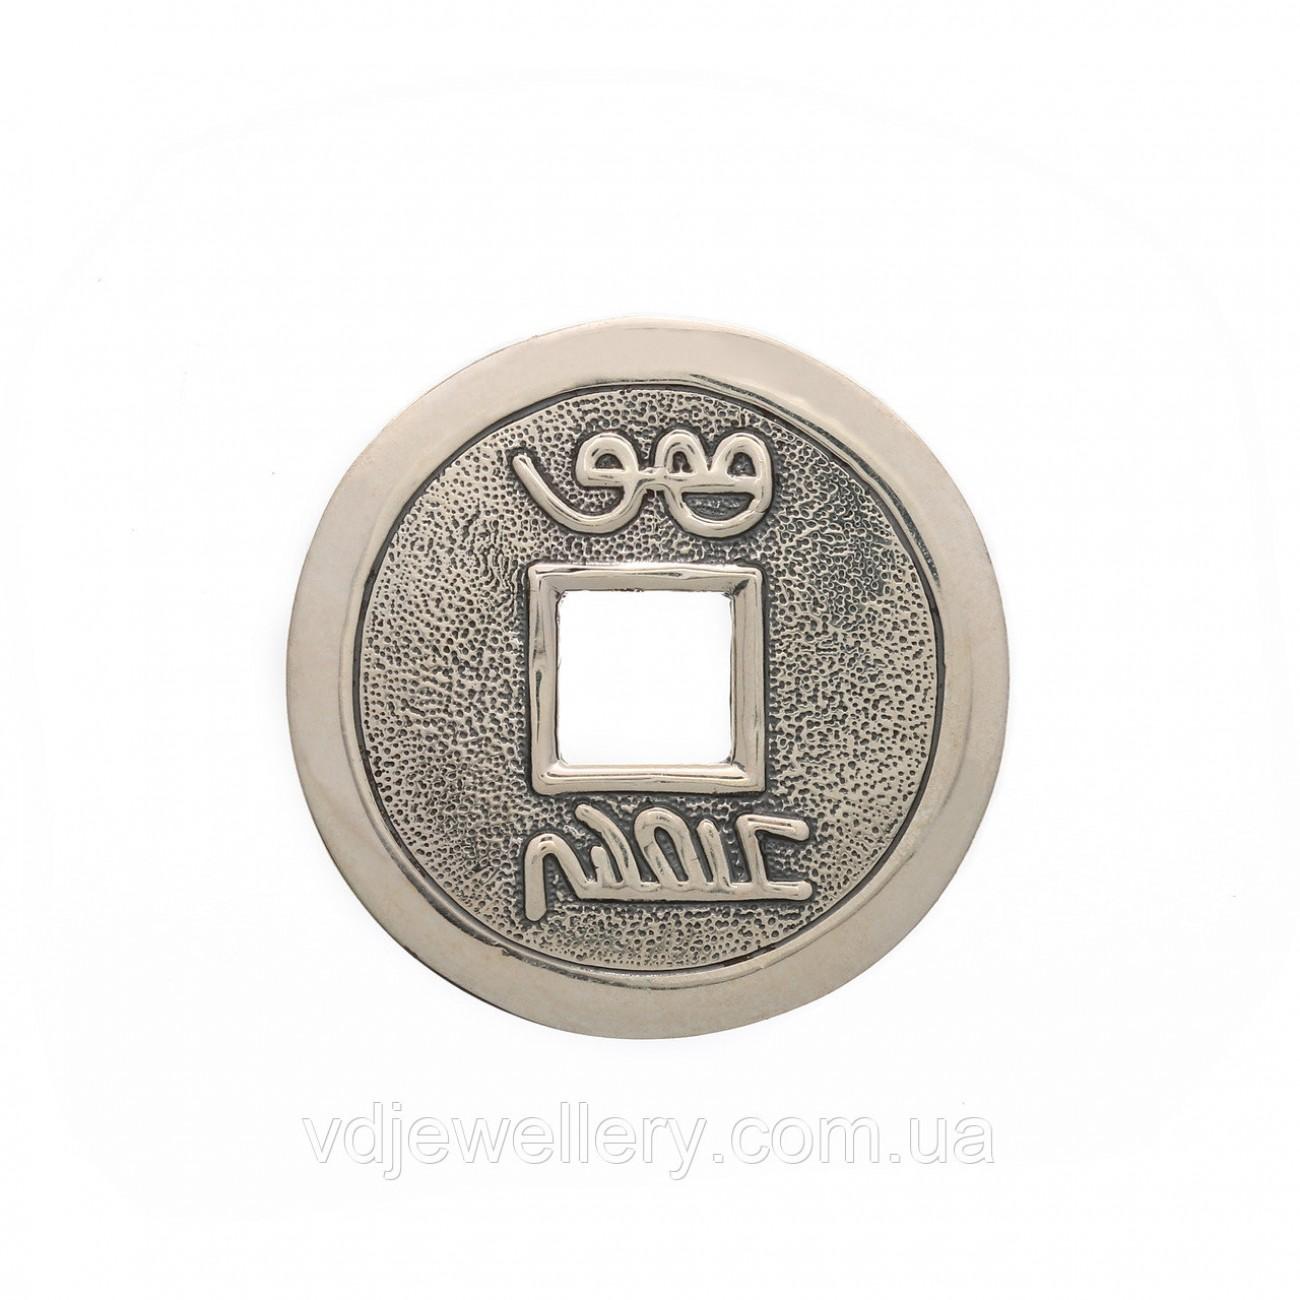 Серебряная сувенирная монета 8100356